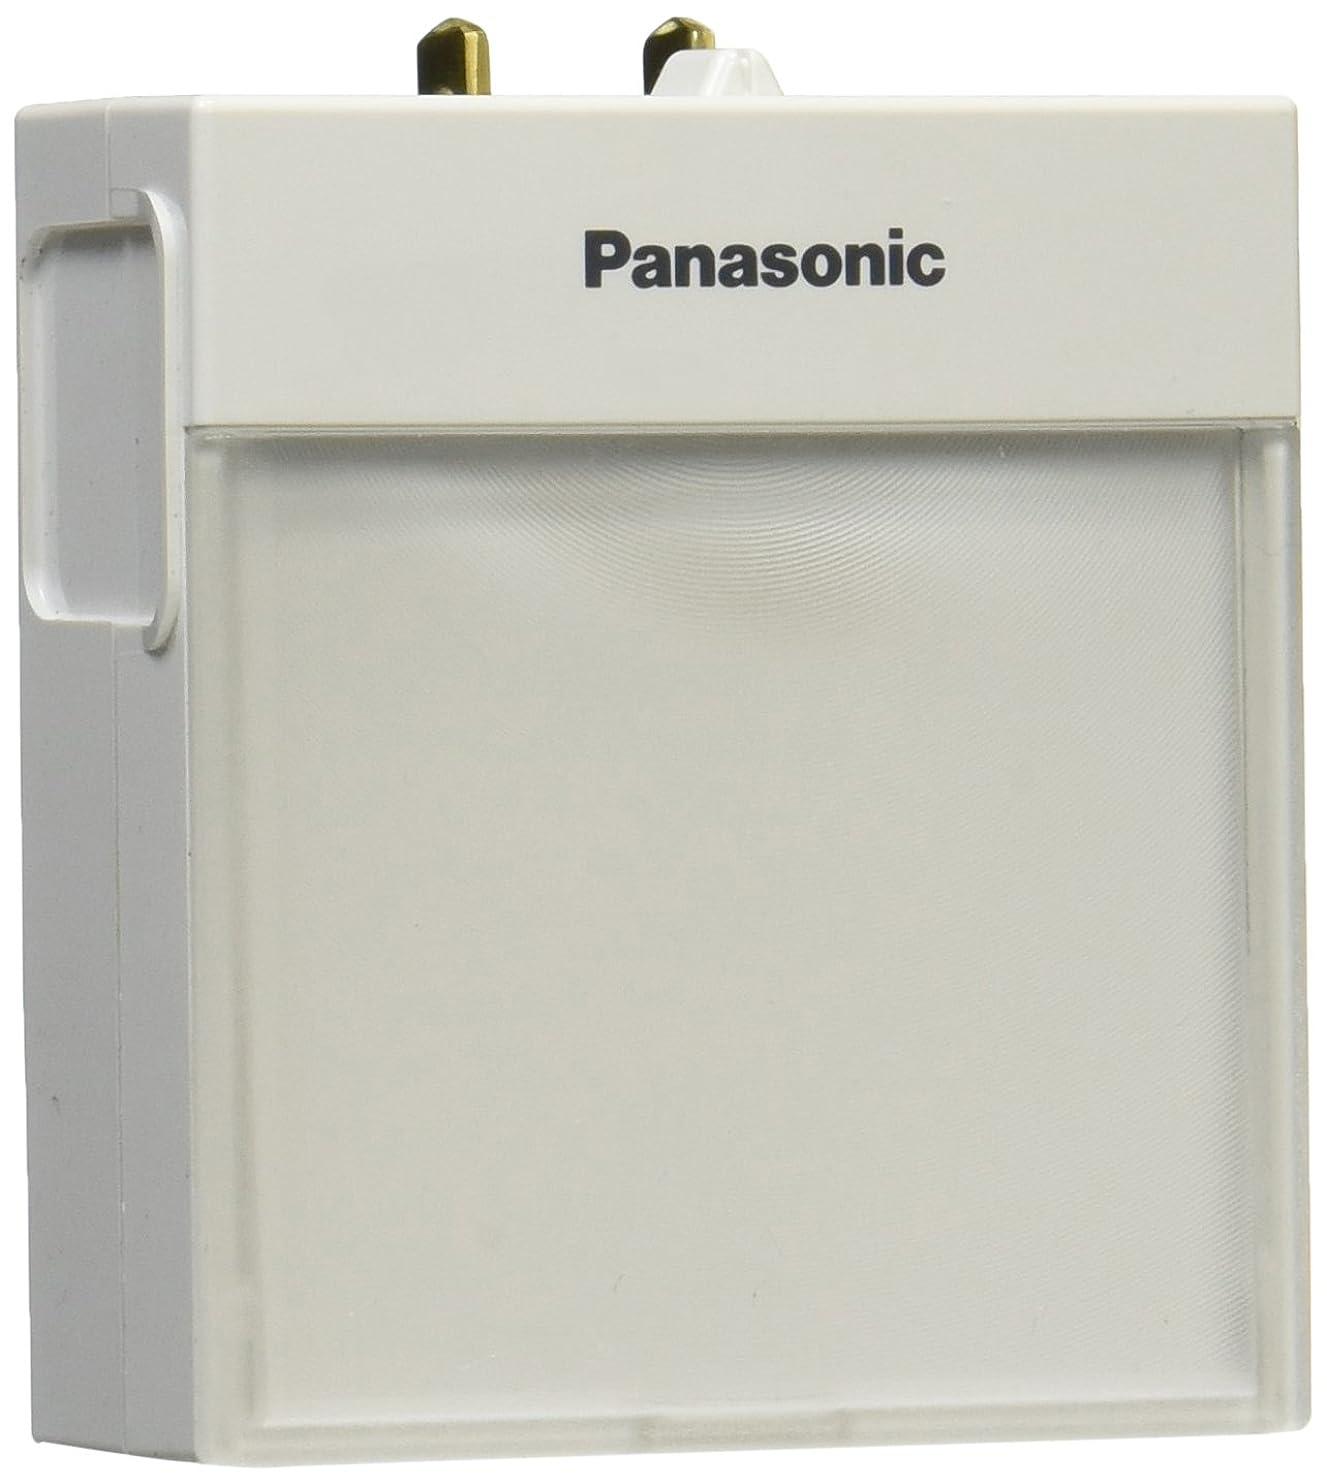 気取らない準備した路地パナソニック(Panasonic)?ワイド21明るさセンサ付ハンディホーム WTP4088WP